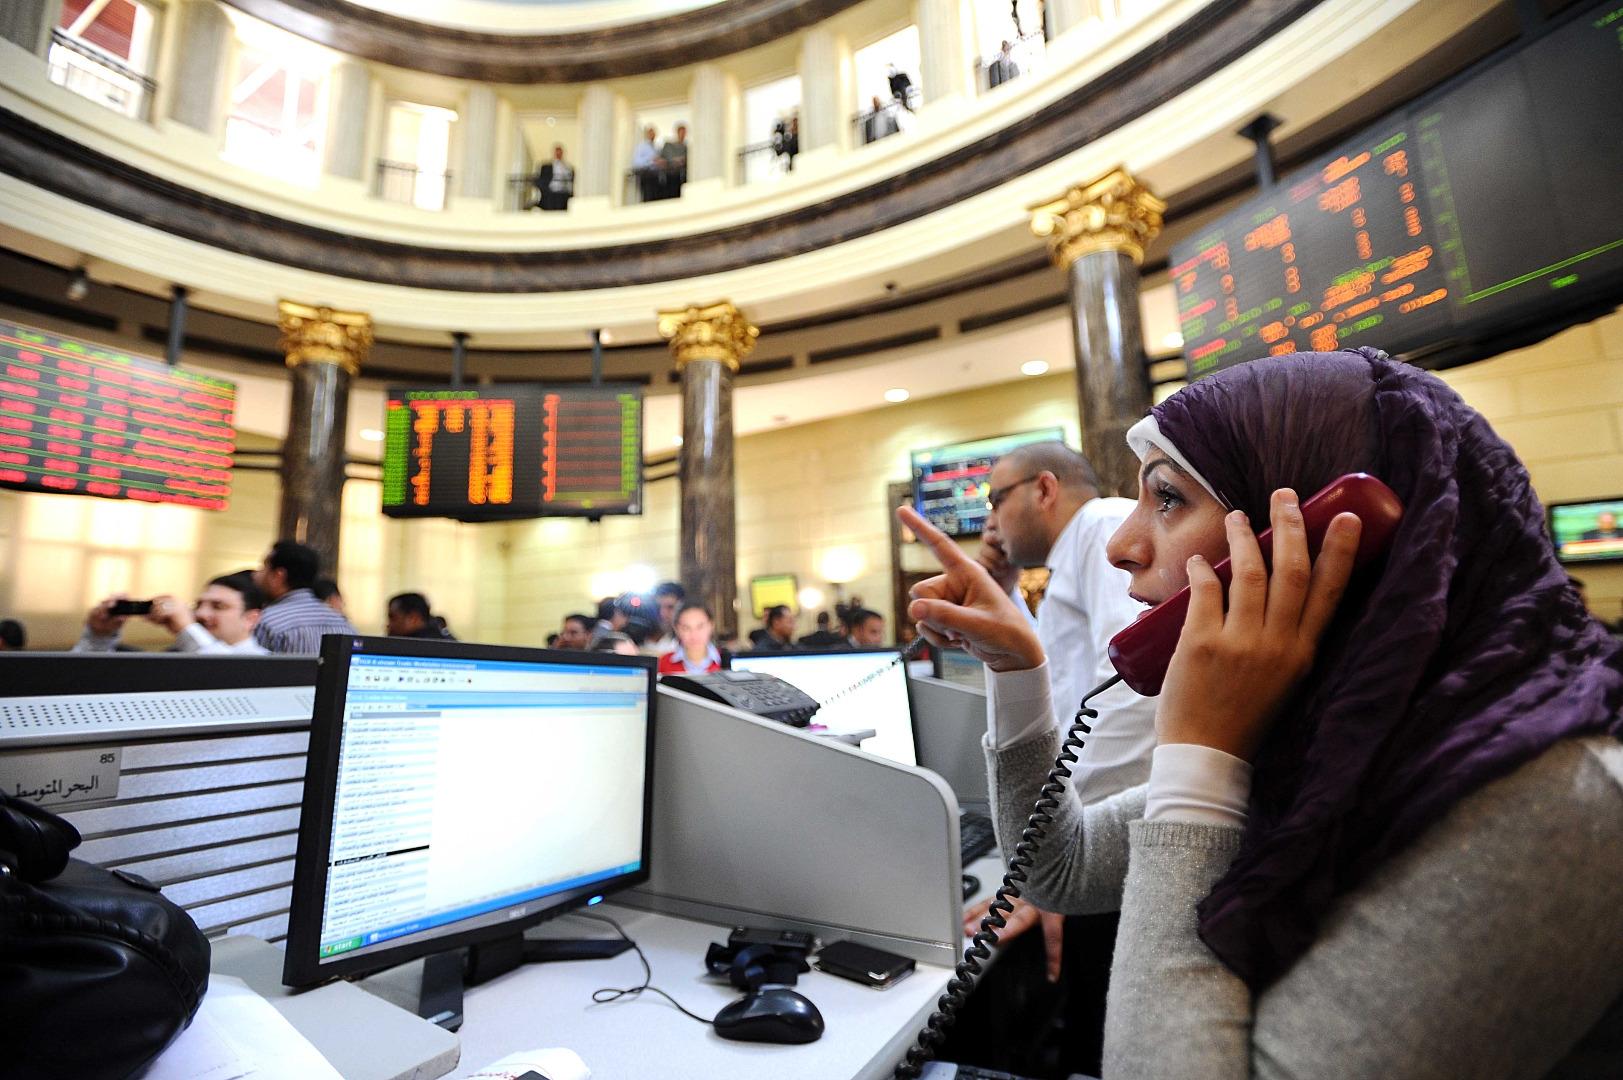 كيف ننقذ الوضع الإقتصادي العربي